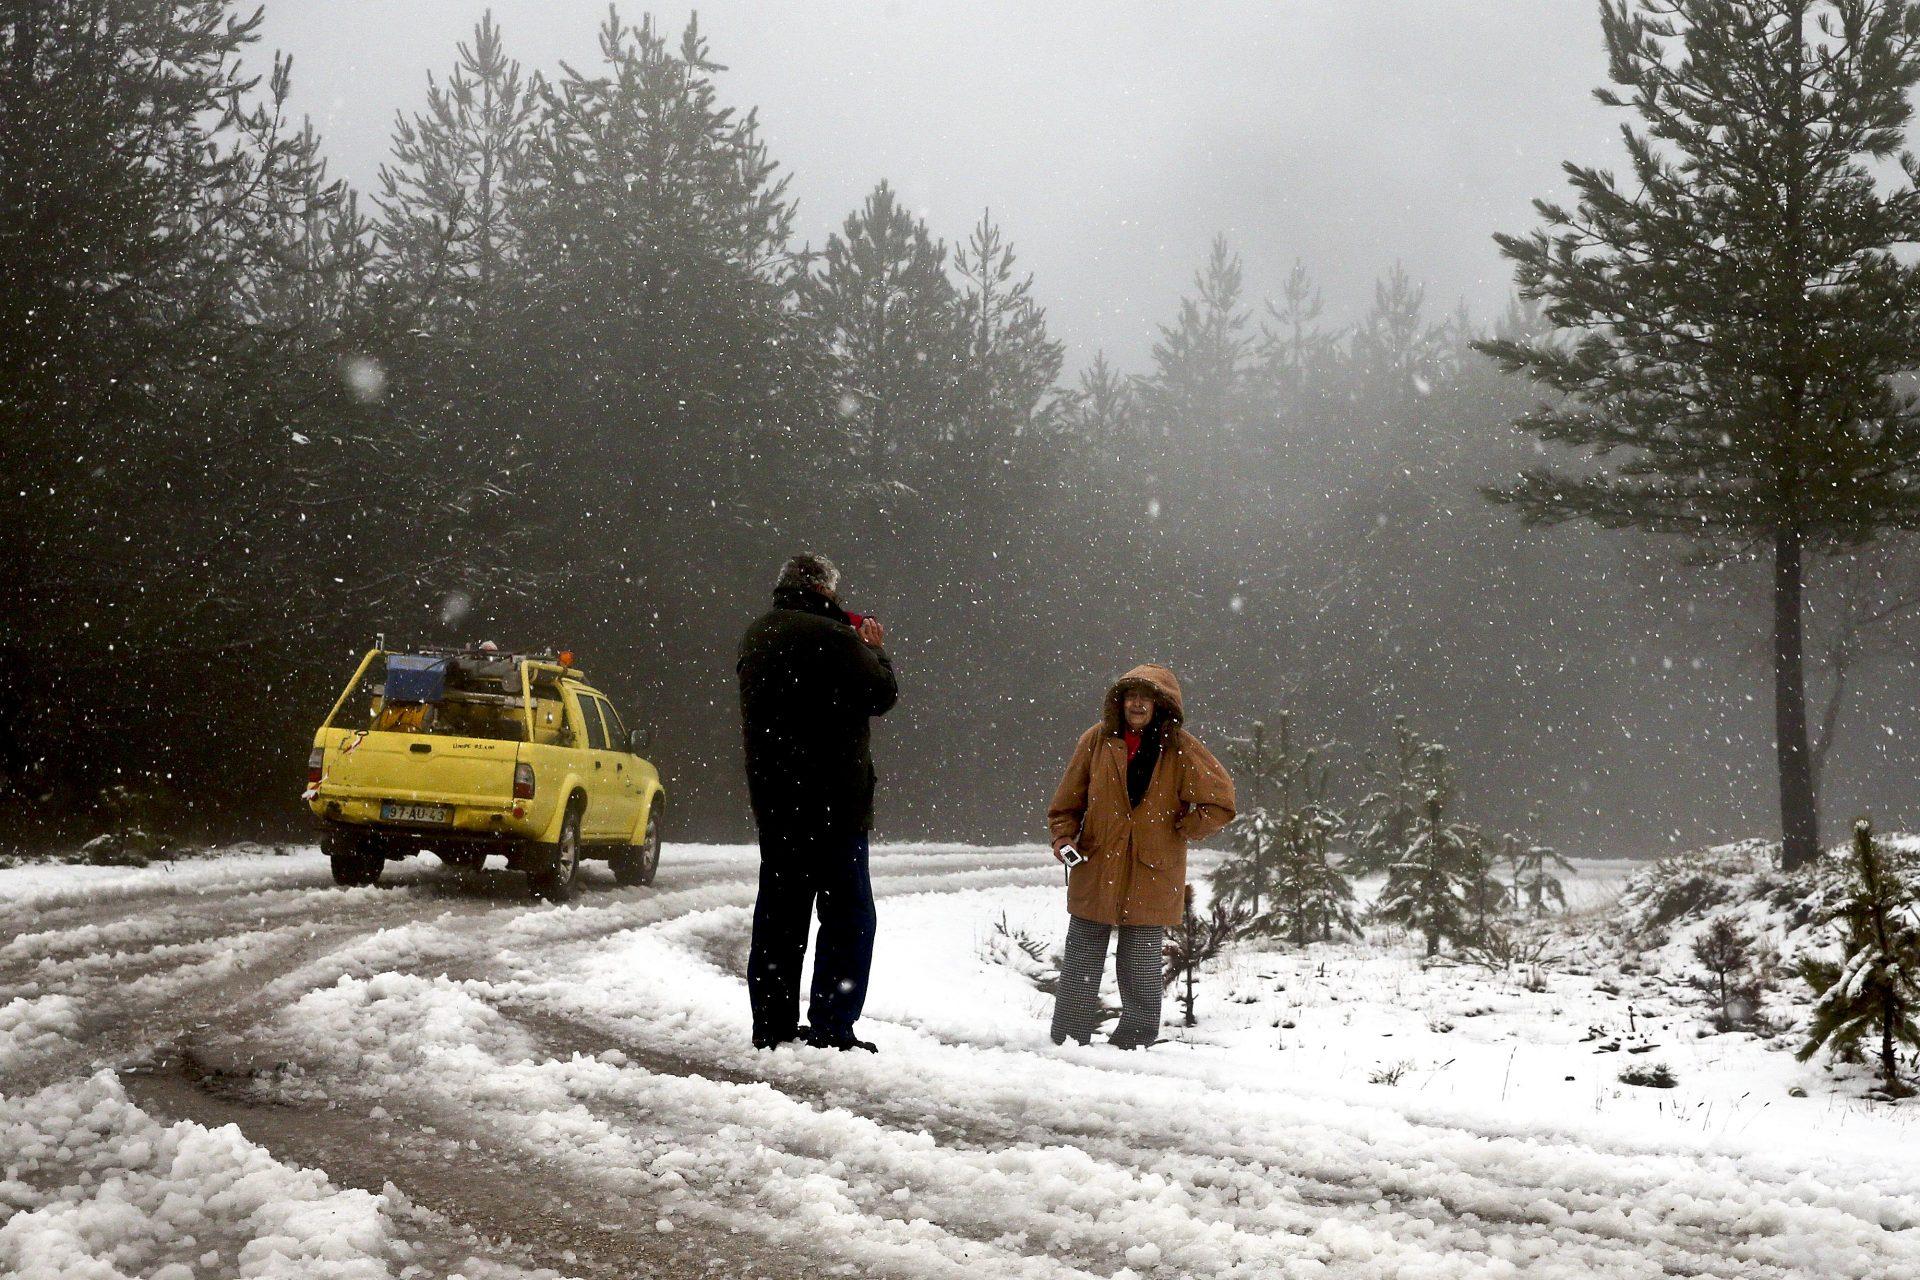 Um casal tira fotos durante um nevão no ponto mais alto da Serra da Lousã, Trevim, coberto de neve, naquele que é o primeiro nevão deste Inverno, Lousã, 5 de janeiro de 2016. PAULO NOVAIS/LUSA